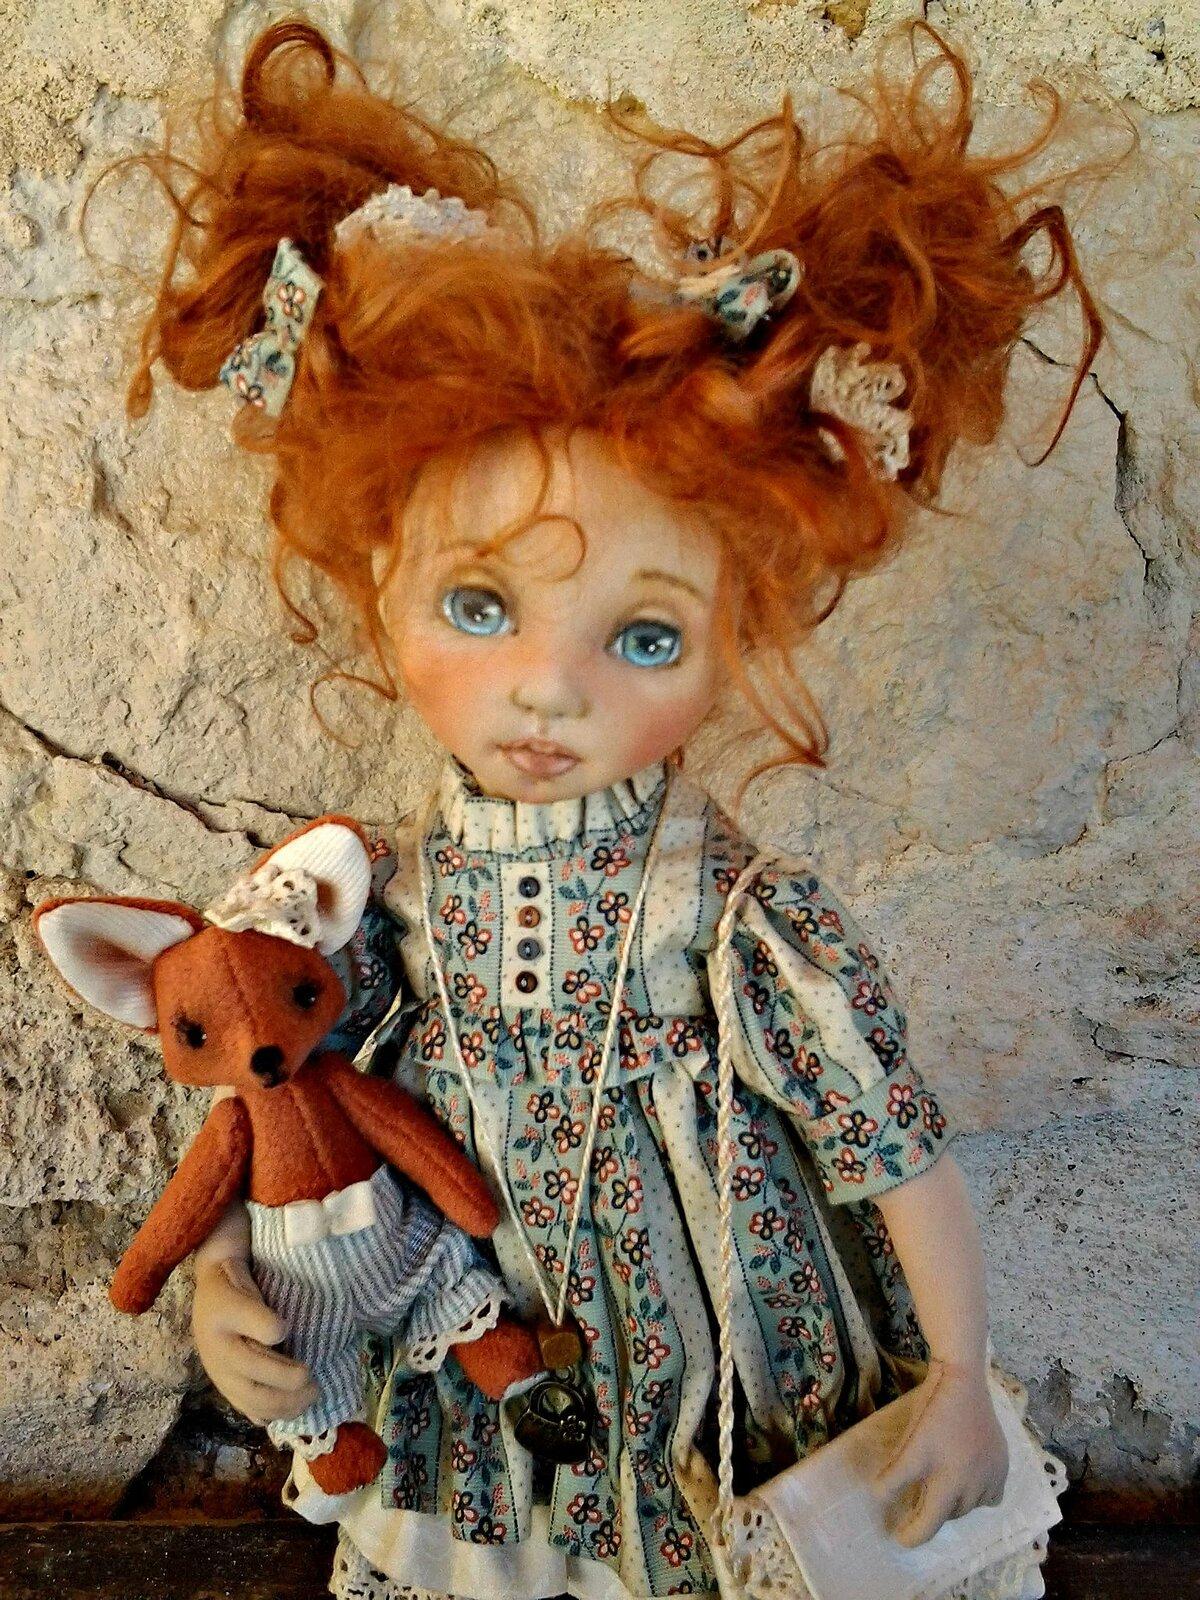 также куклы авторские работы мастеров фото невероятной краже, которую